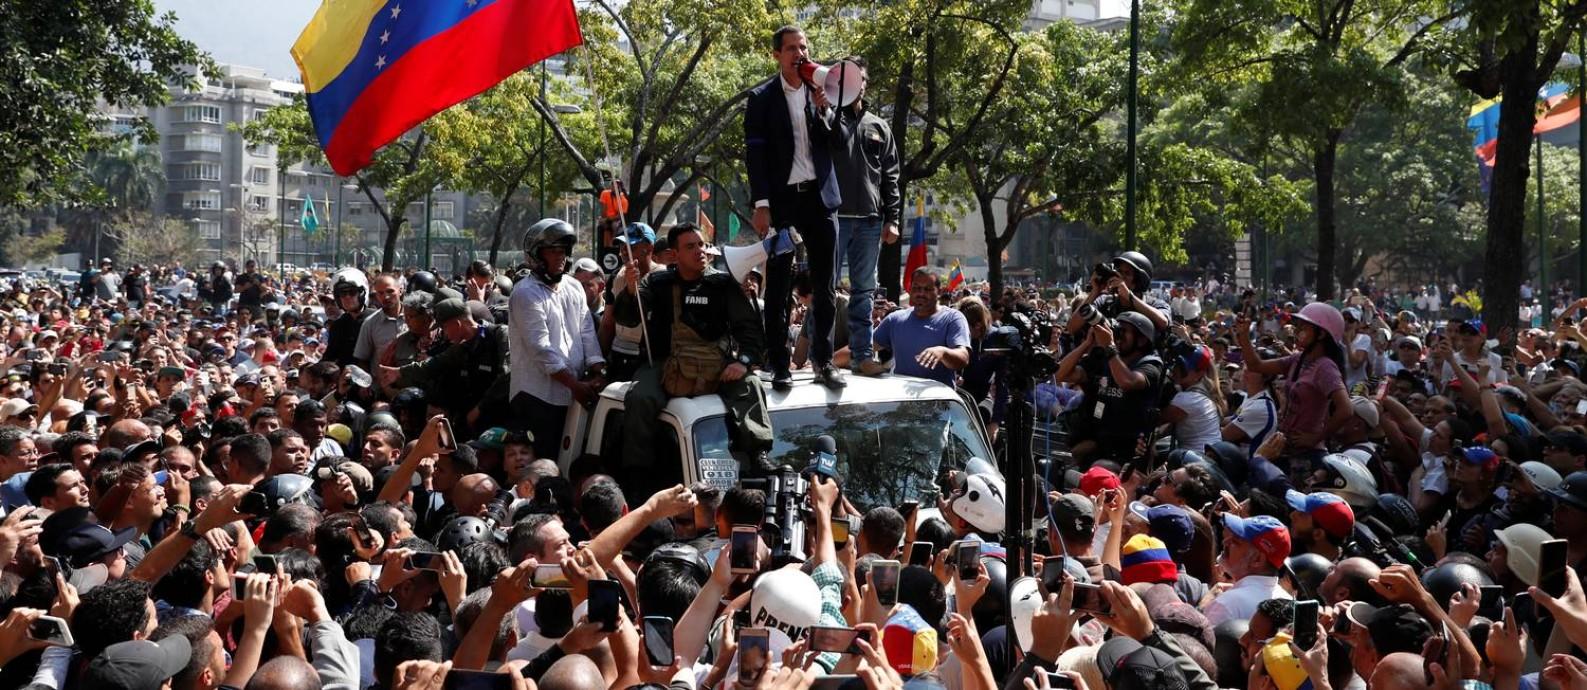 Opositor Juan Guaidó fala a apoiadores em Caracas após anunciar operação com apoio de militares contra o governo de Nicolás Maduro Foto: CARLOS GARCIA RAWLINS / REUTERS